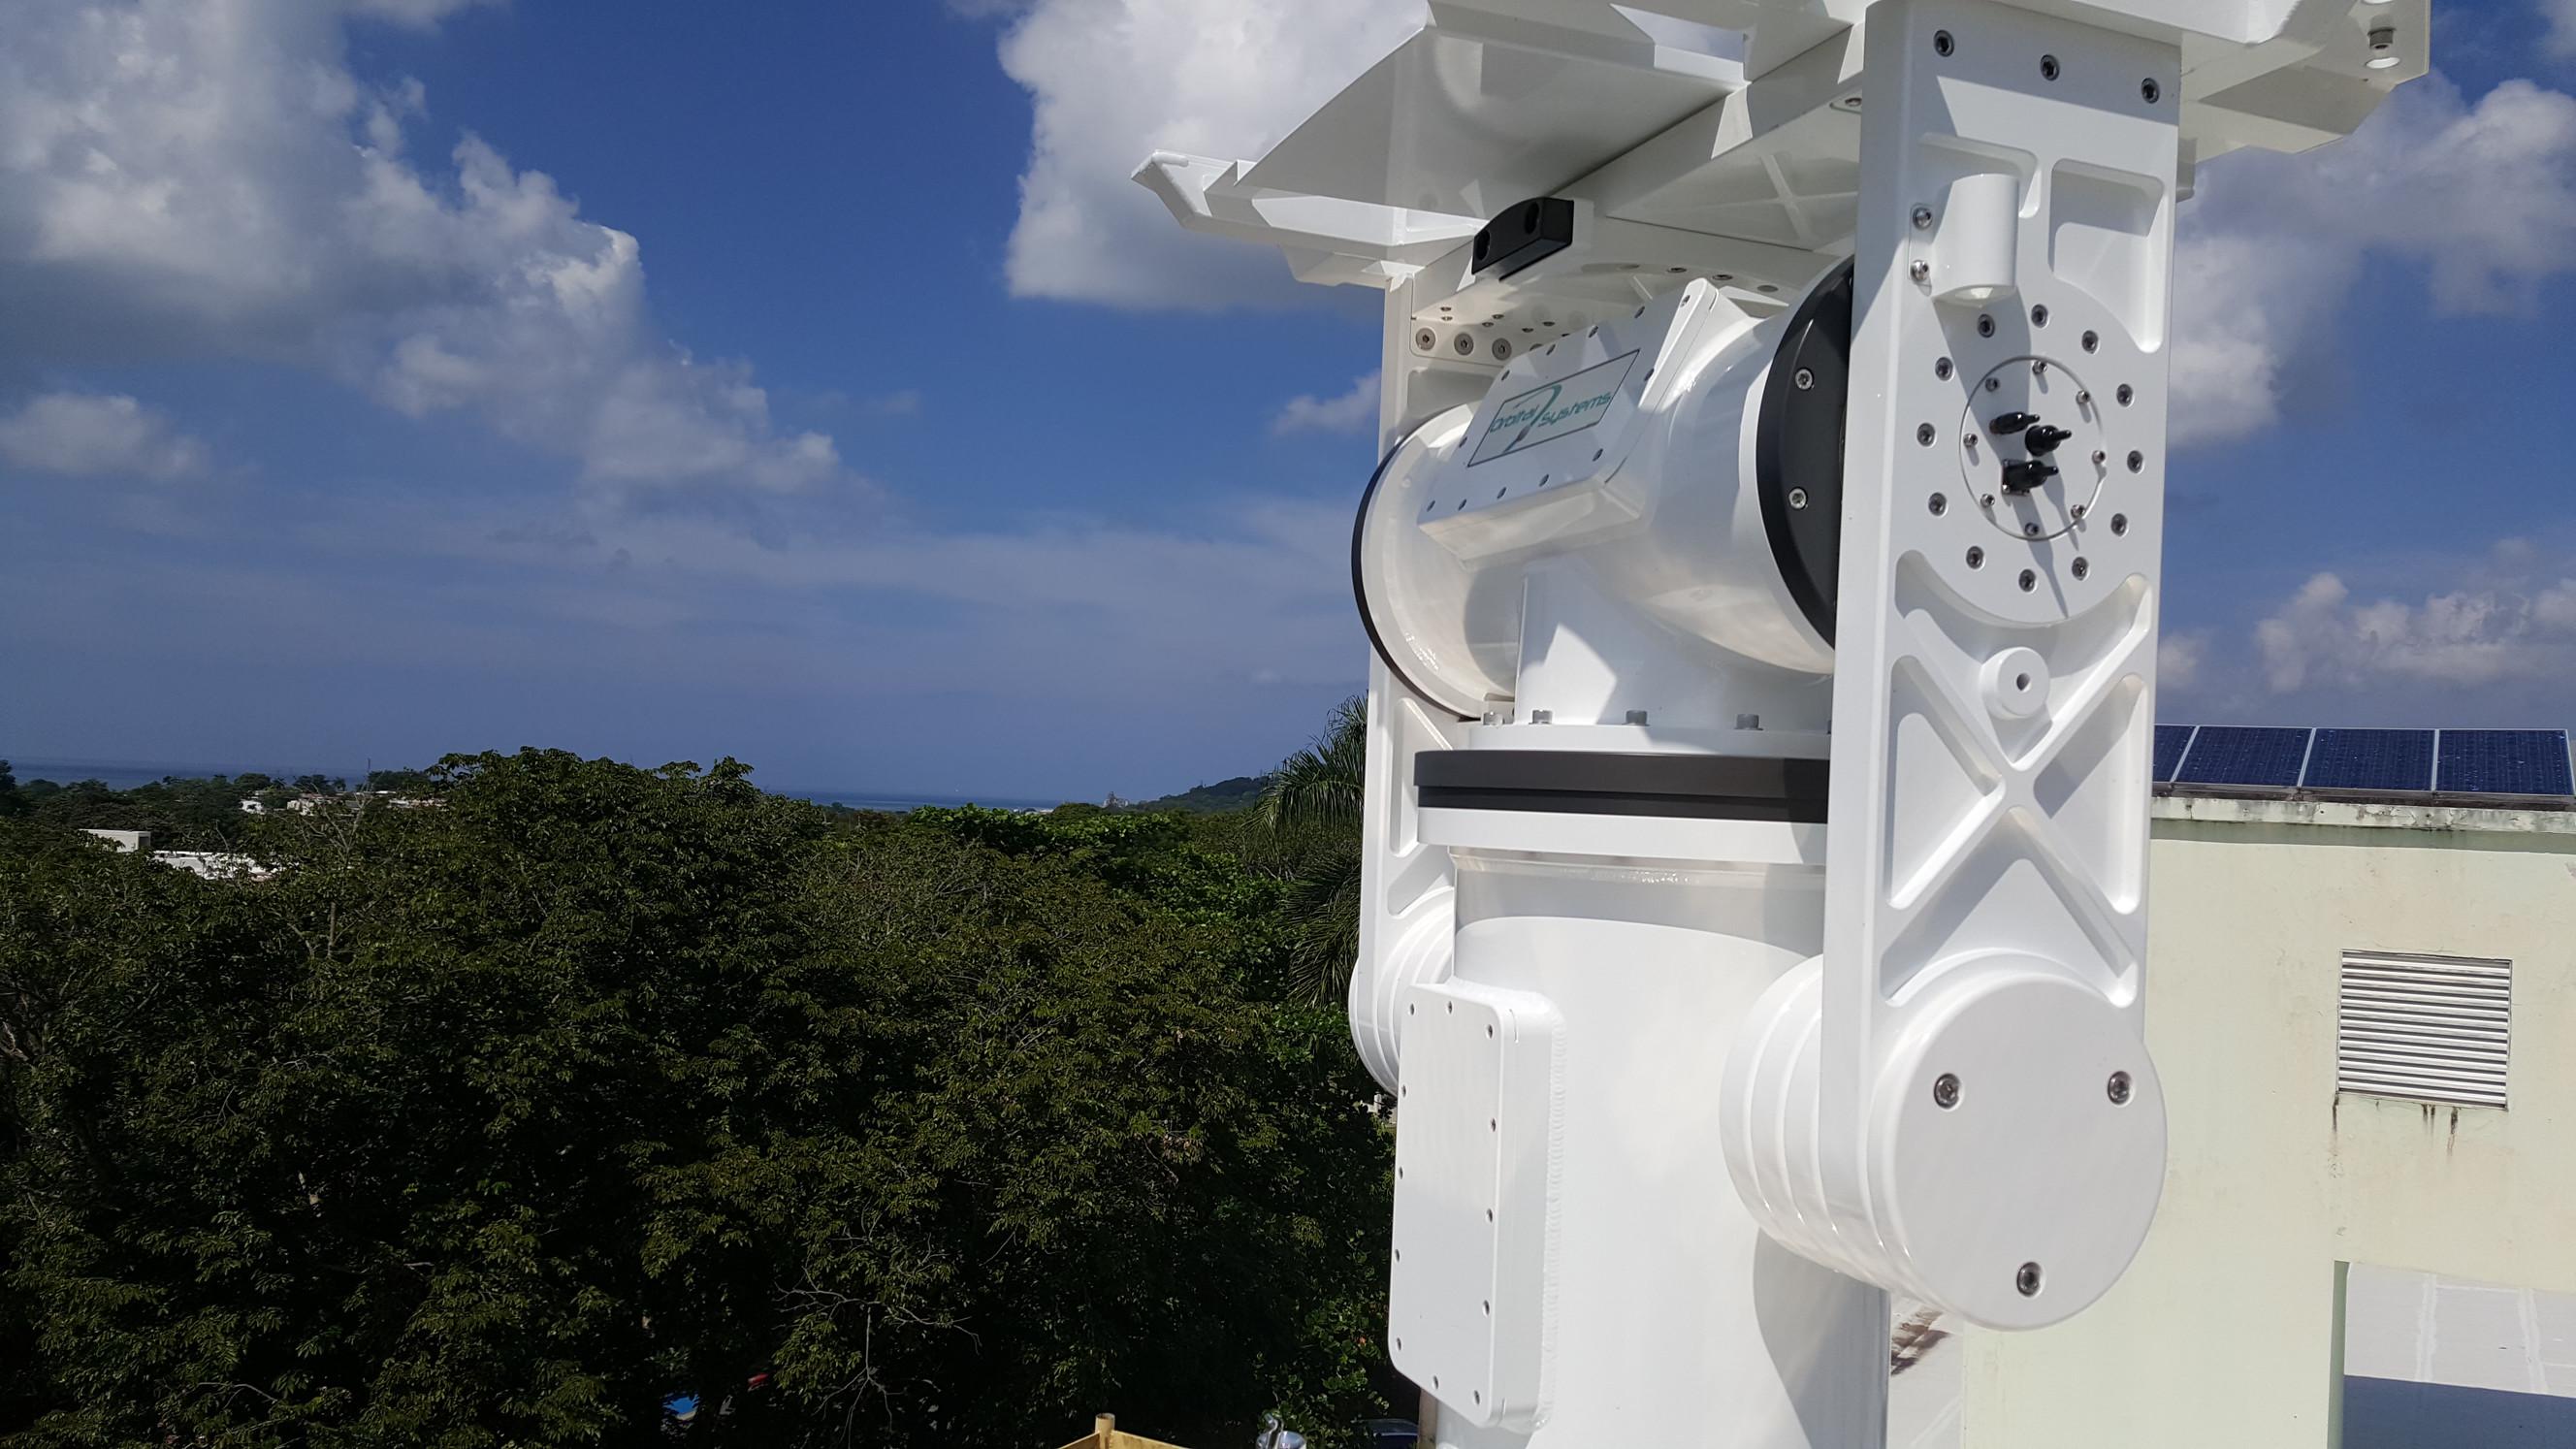 University of Puerto Rico Mayaguez, Puerto Rico UPR 20151021_105935 El Arm 1